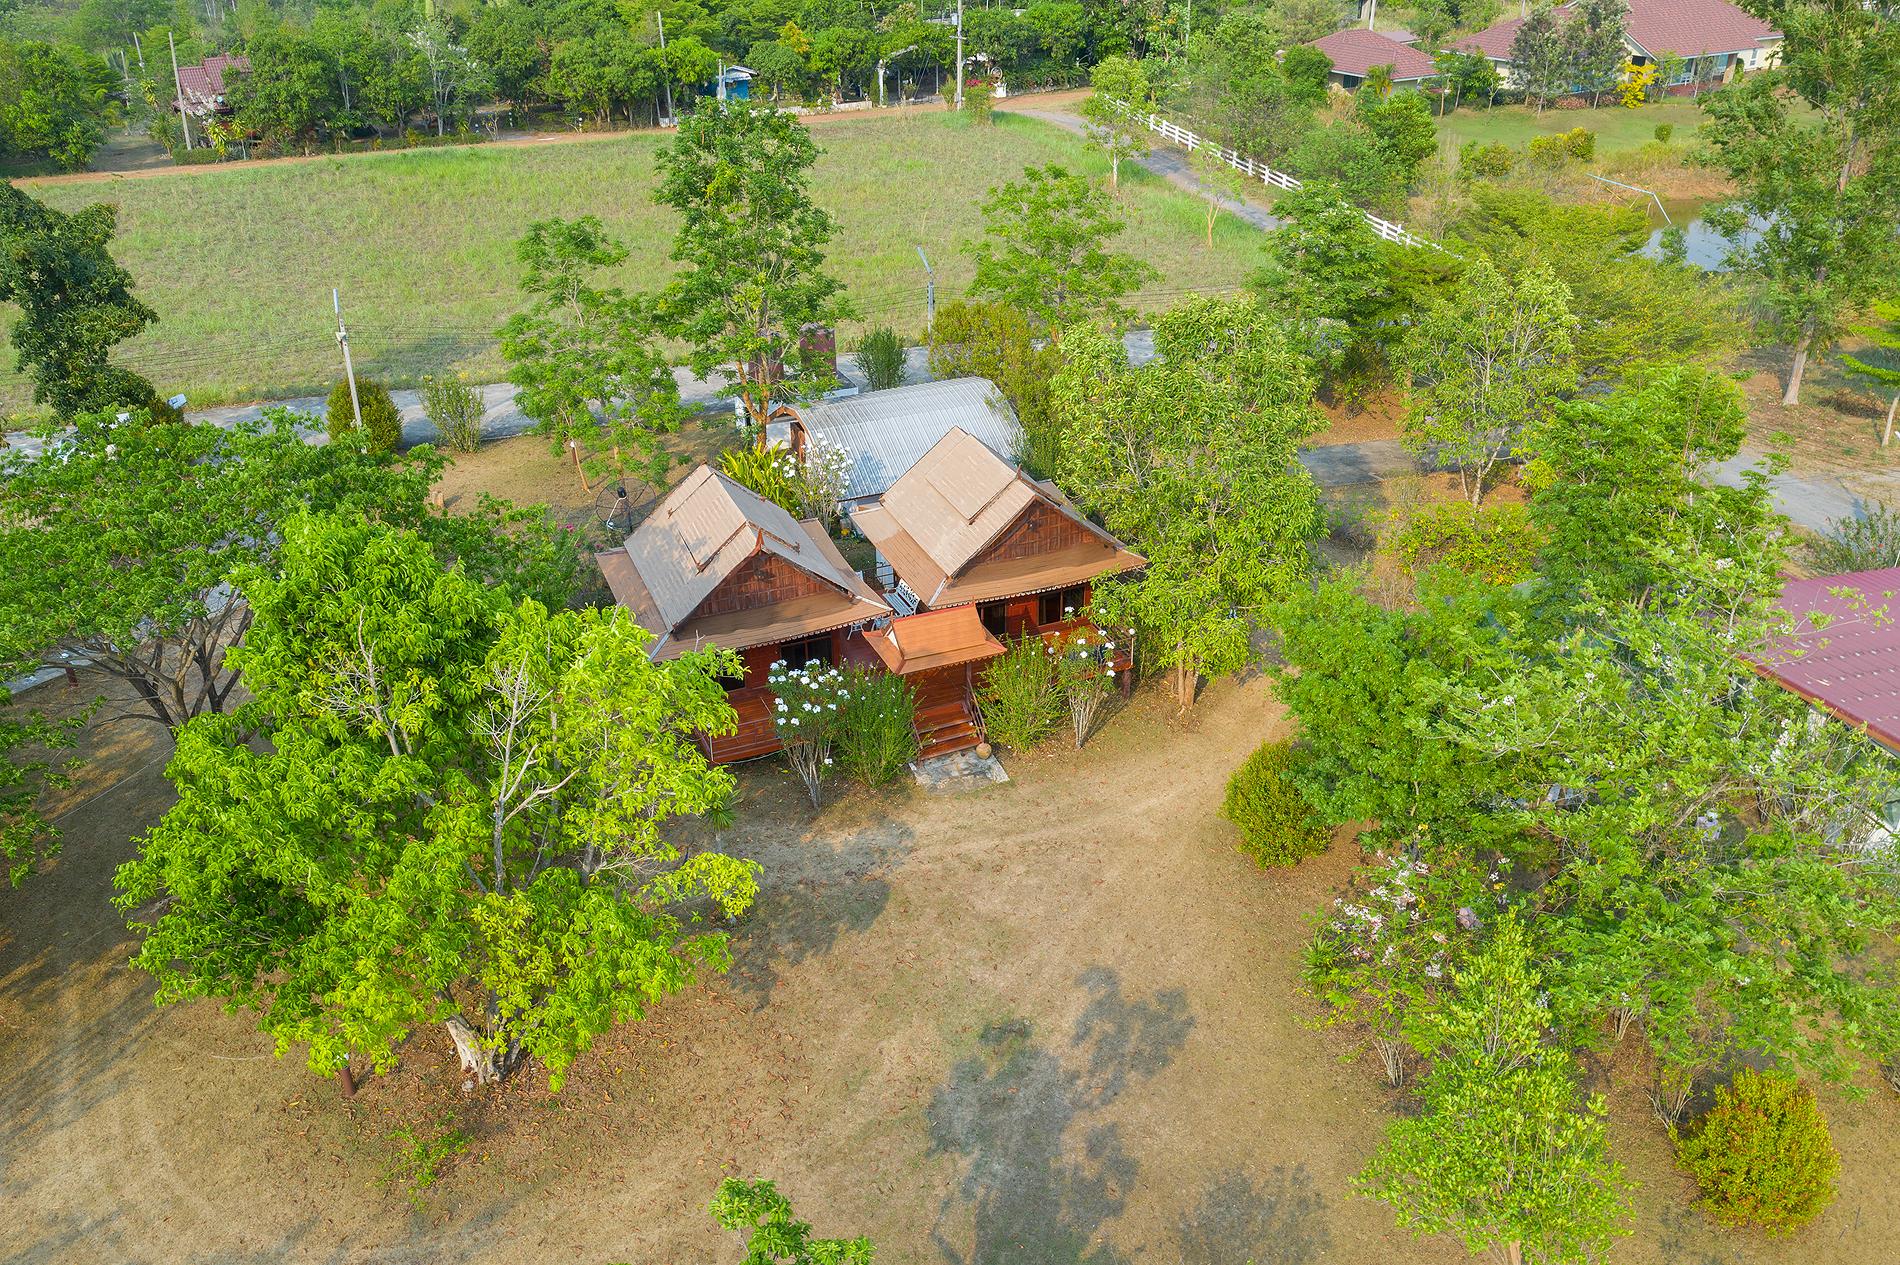 บ้านเรือนไทย 7-8 (ปิดปรับปรุงชั่วคราว)